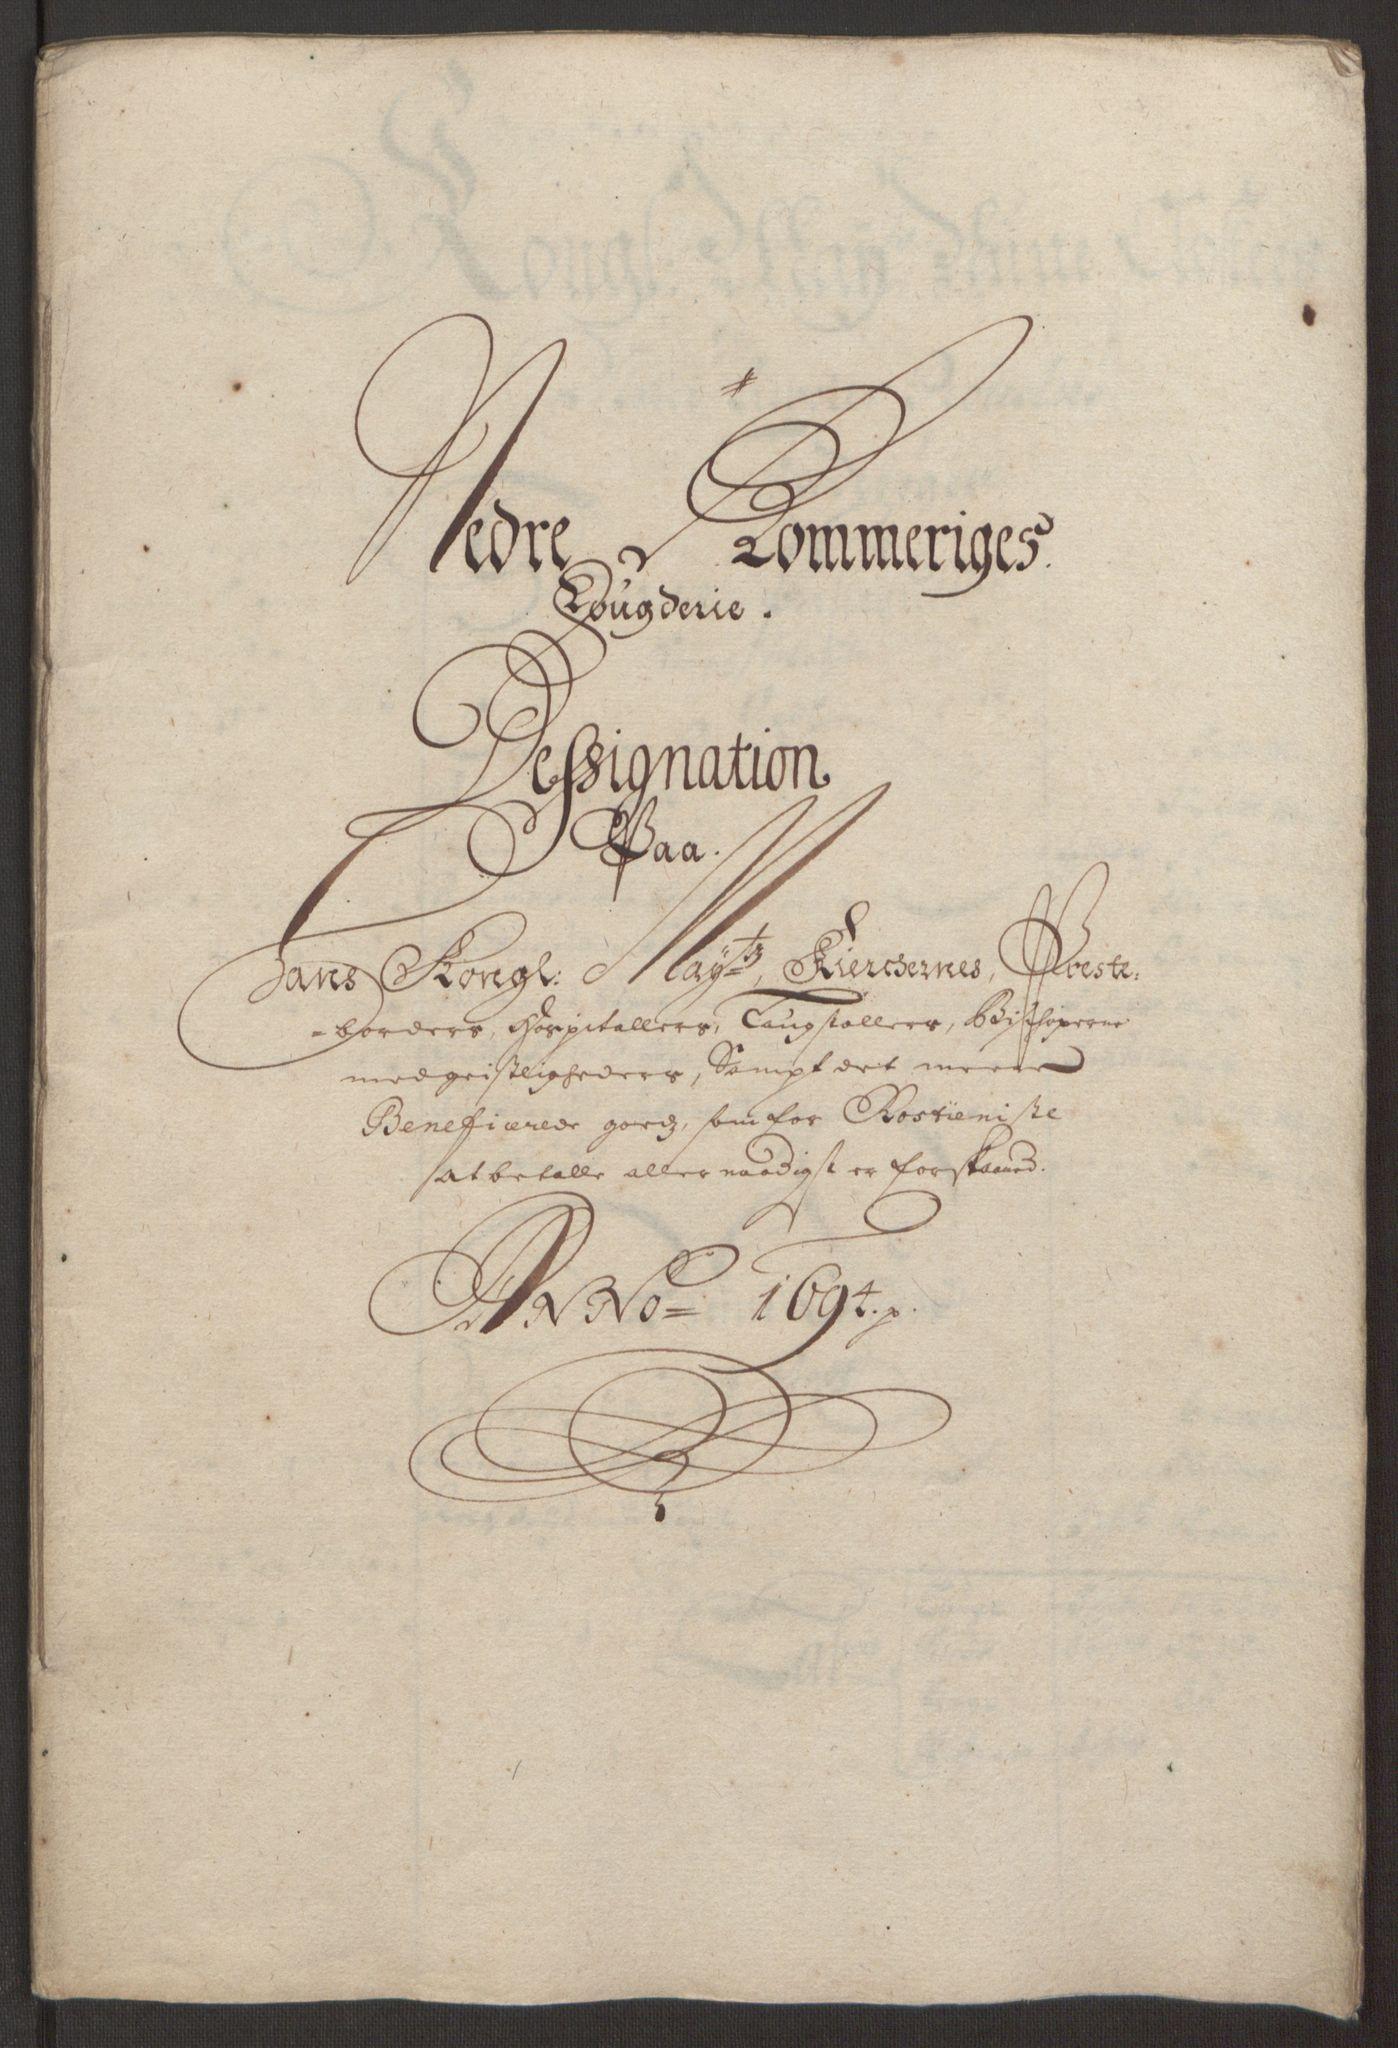 RA, Rentekammeret inntil 1814, Reviderte regnskaper, Fogderegnskap, R11/L0579: Fogderegnskap Nedre Romerike, 1694-1695, s. 165